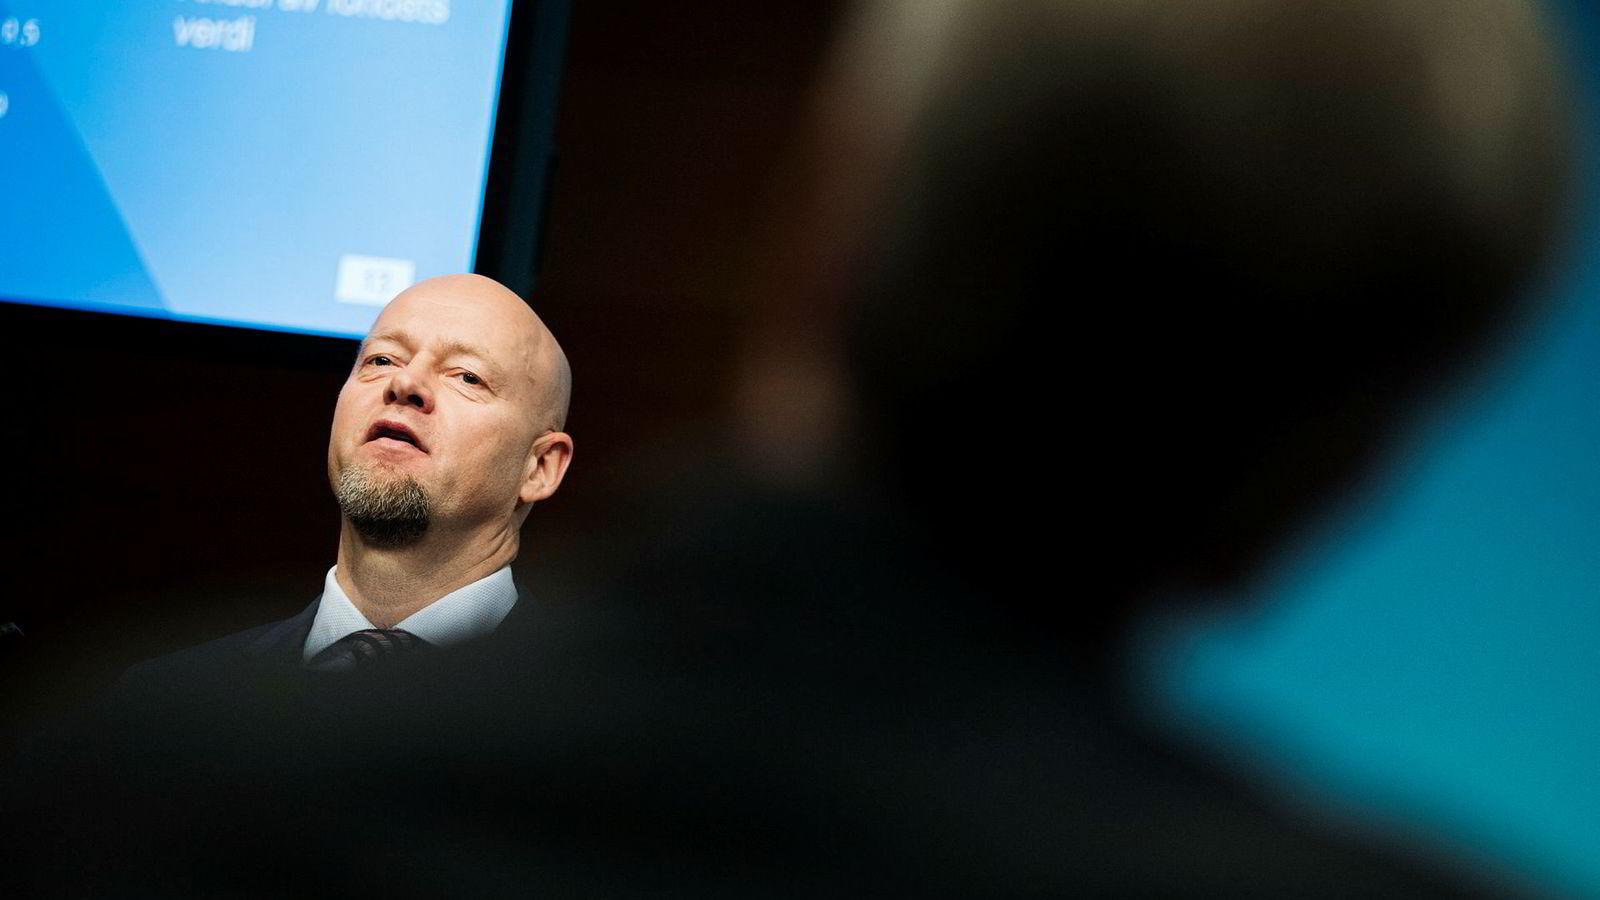 Yngve Slyngstad, administrerende direktør i Norges Bank Investment Management, som forvalter Oljefondet, får kritikk fra Finansdepartementet for å ikke overholde tidsfrister.